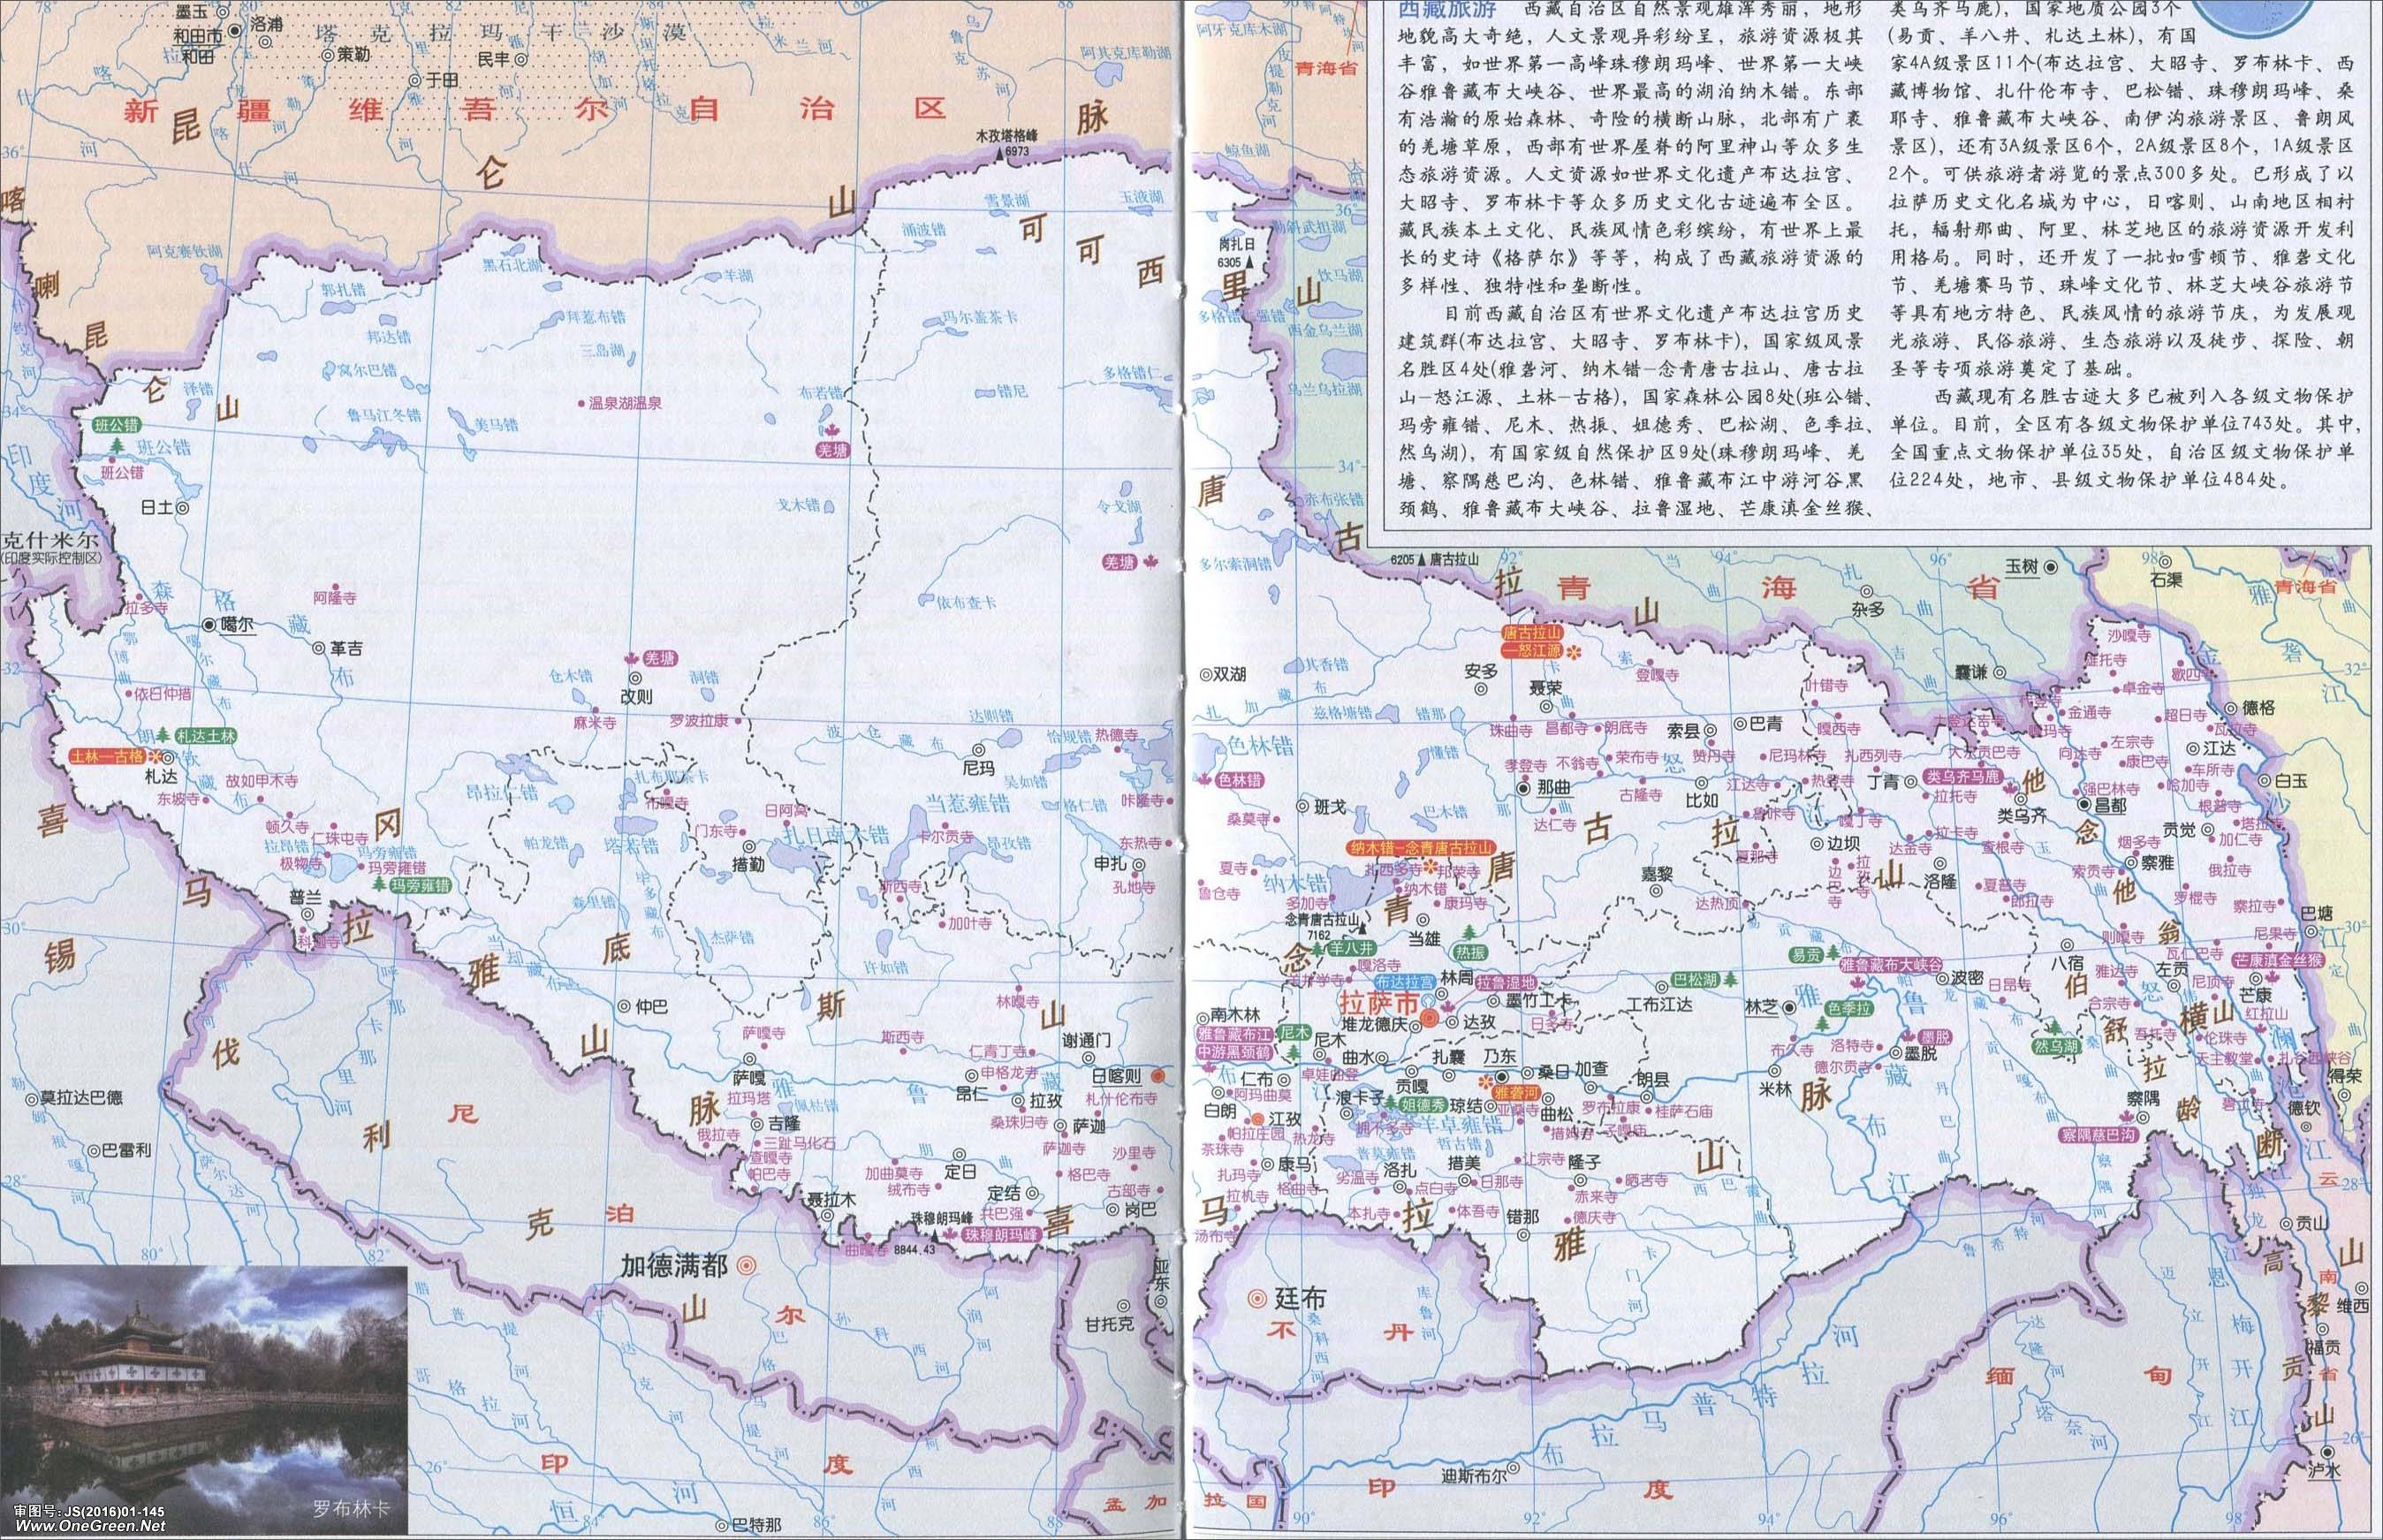 西藏地图全图高清版